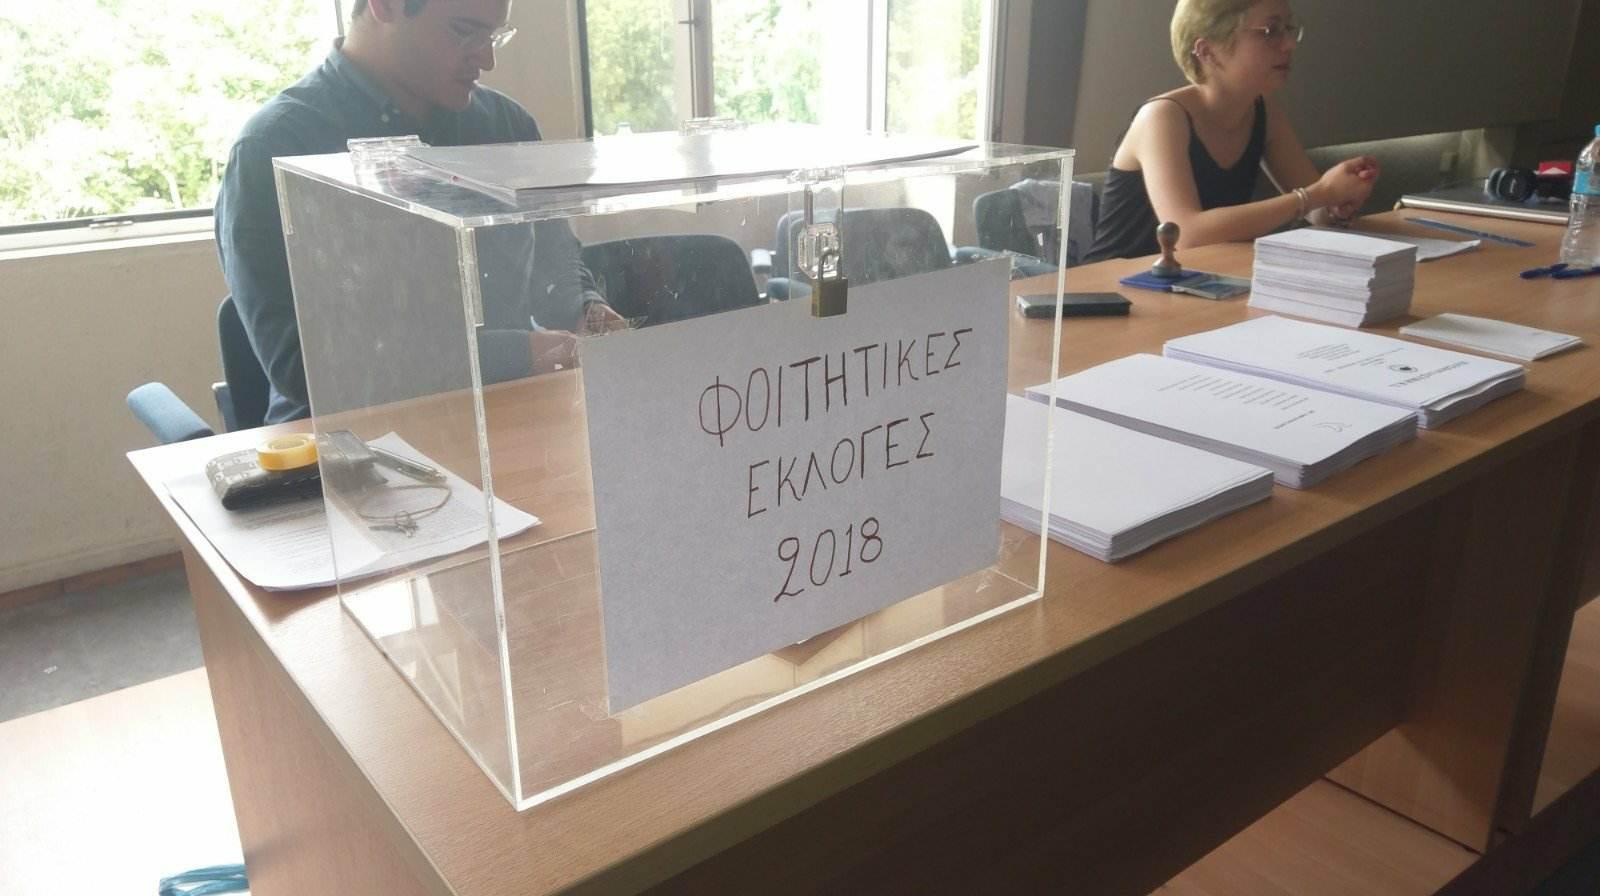 φοιτητικες εκλογες Ιατρικη (5)